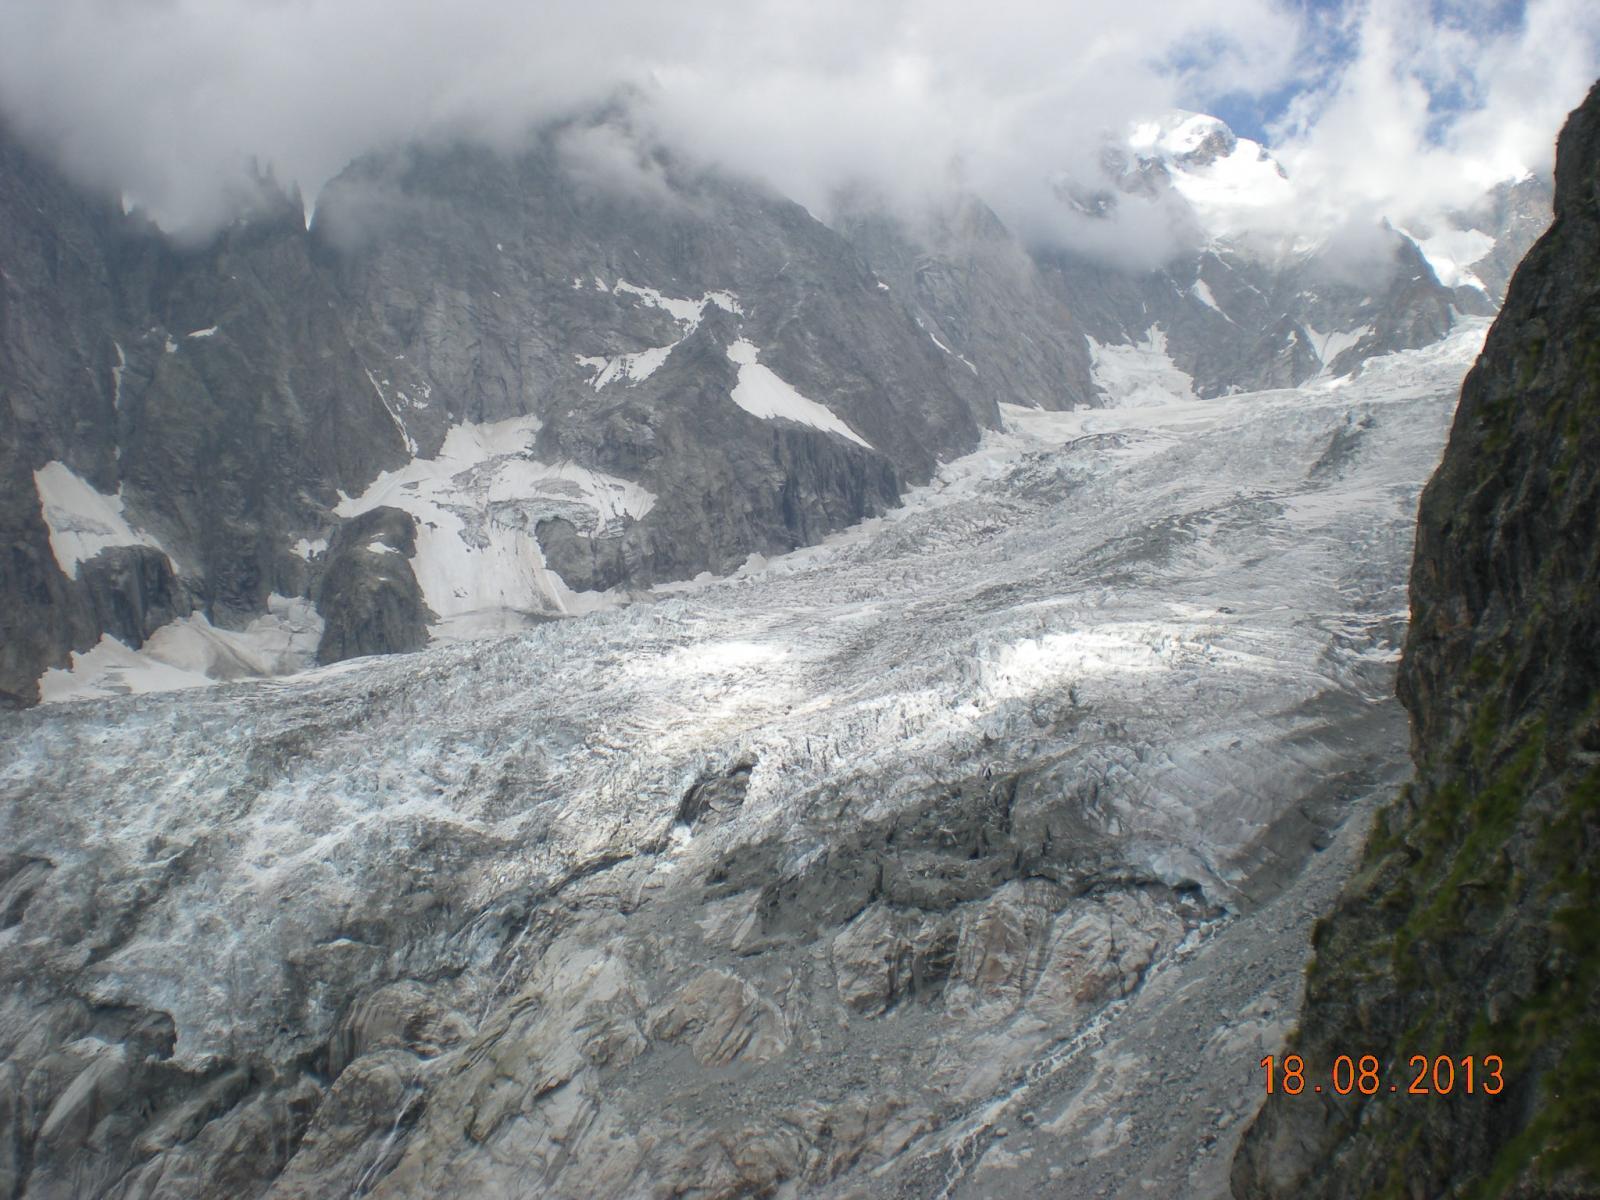 lo spettacolo del ghiacciaio della Brenva